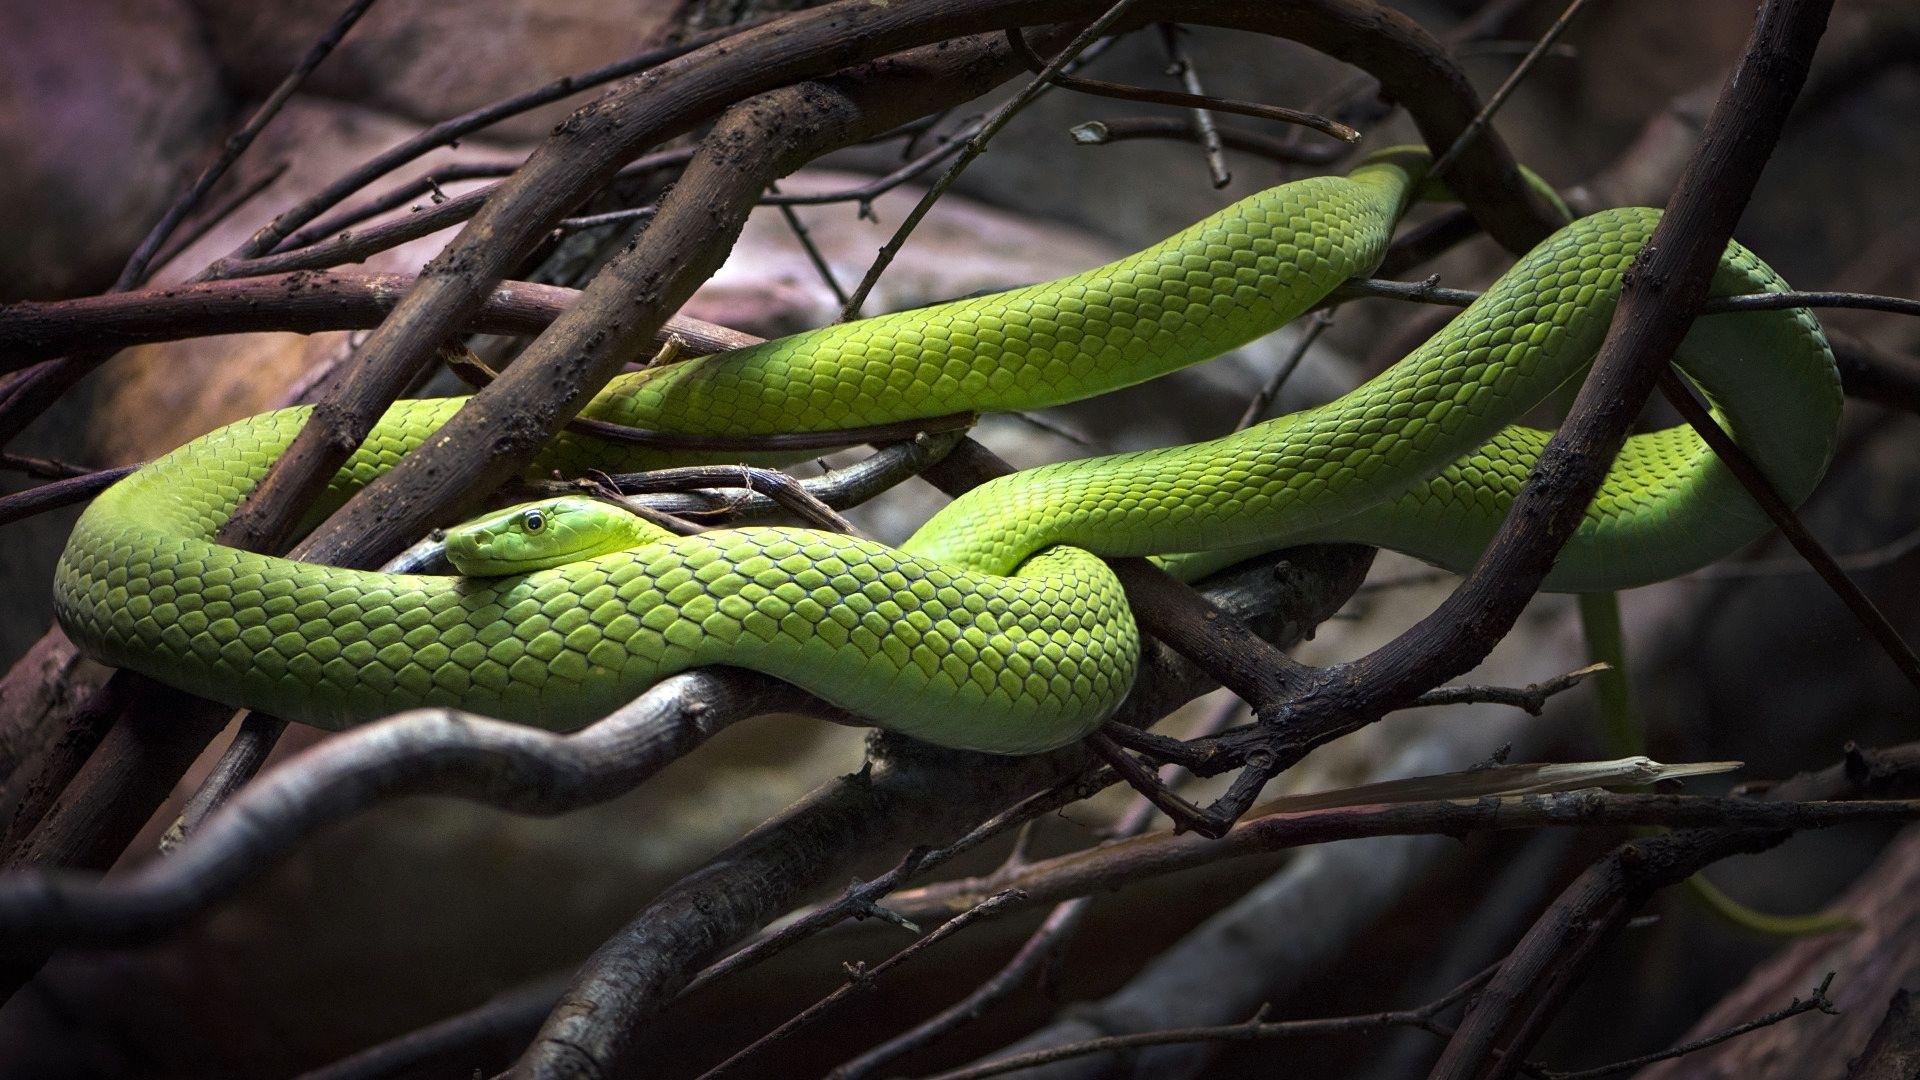 змеи в картинках для компа снять ограничение